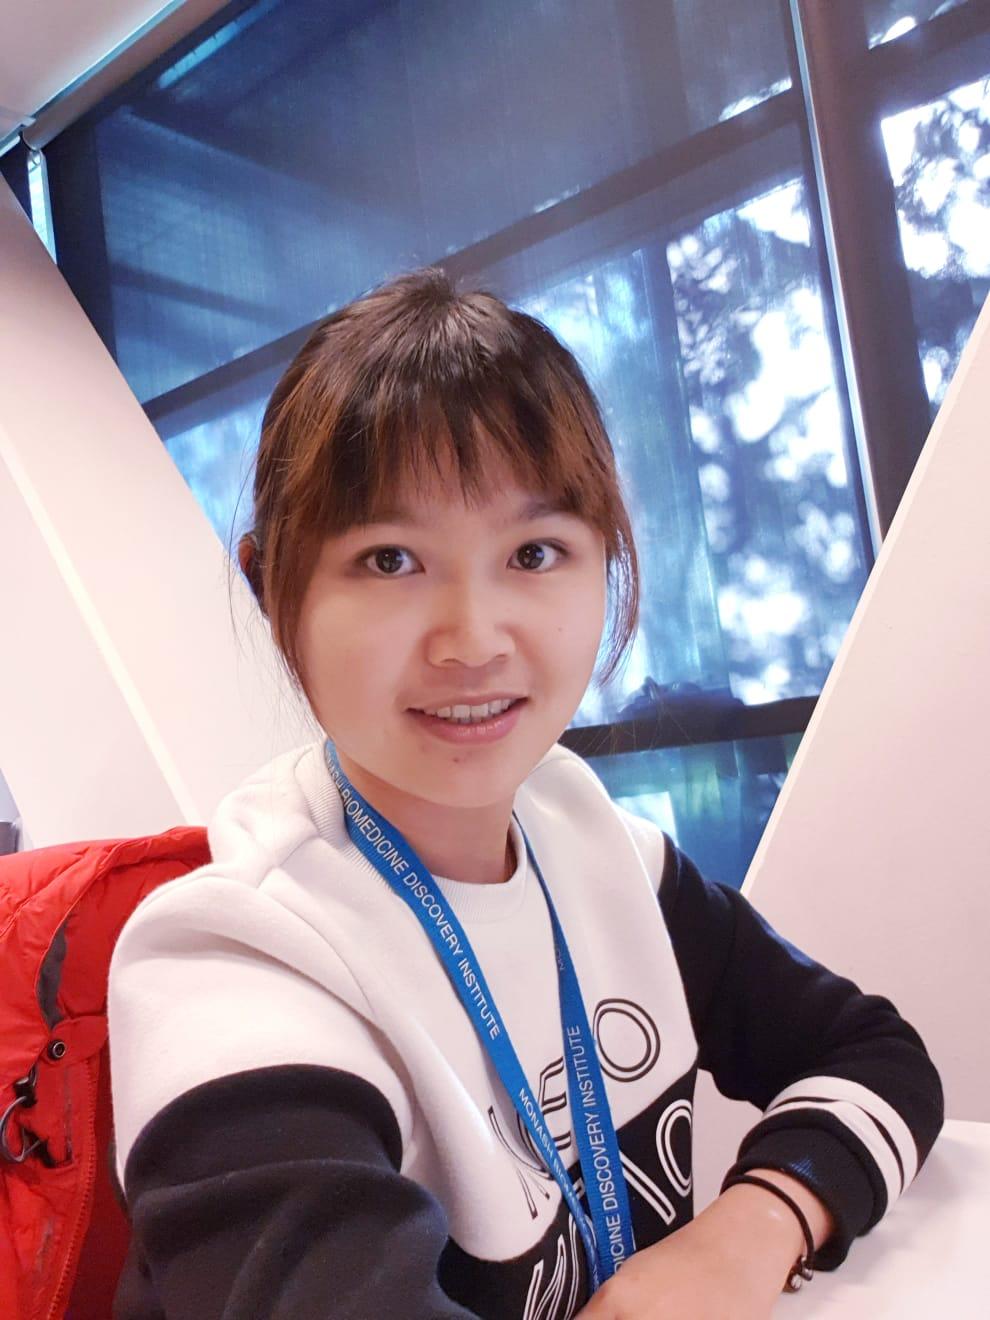 Jia Jia Lim